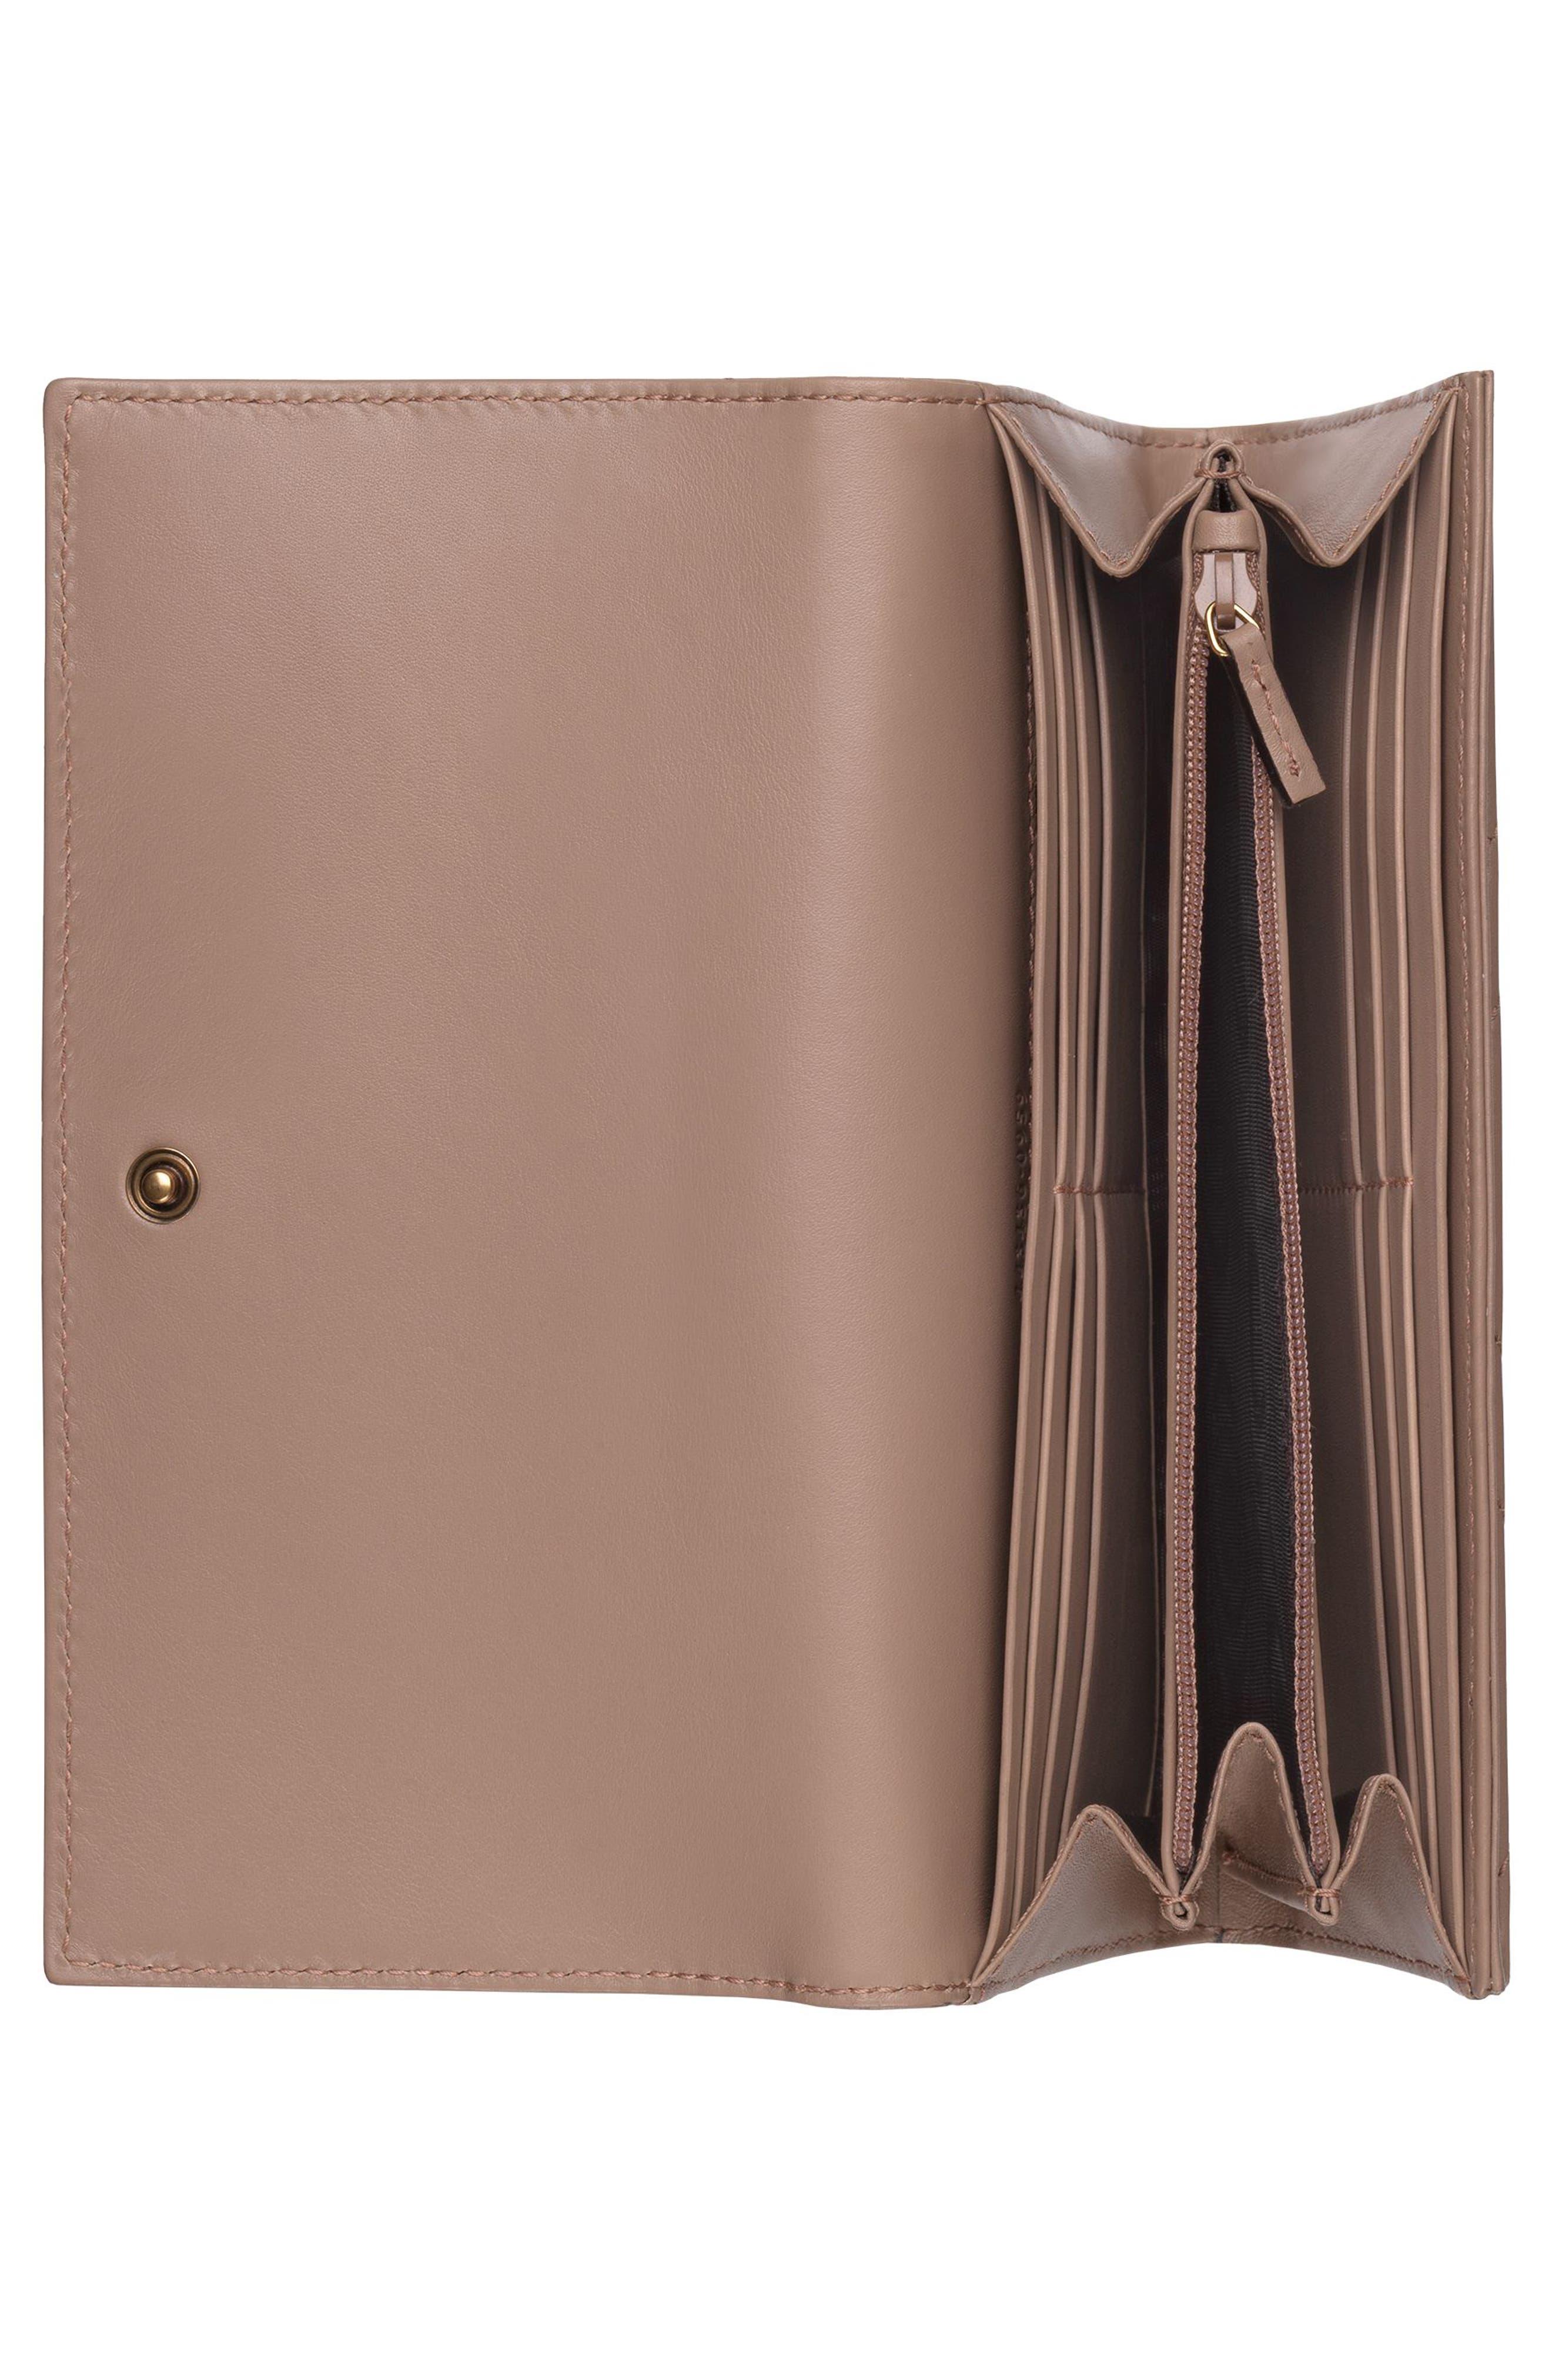 GG Marmont Matelassé Leather Continental Wallet,                             Alternate thumbnail 2, color,                             PORCELAIN ROSE